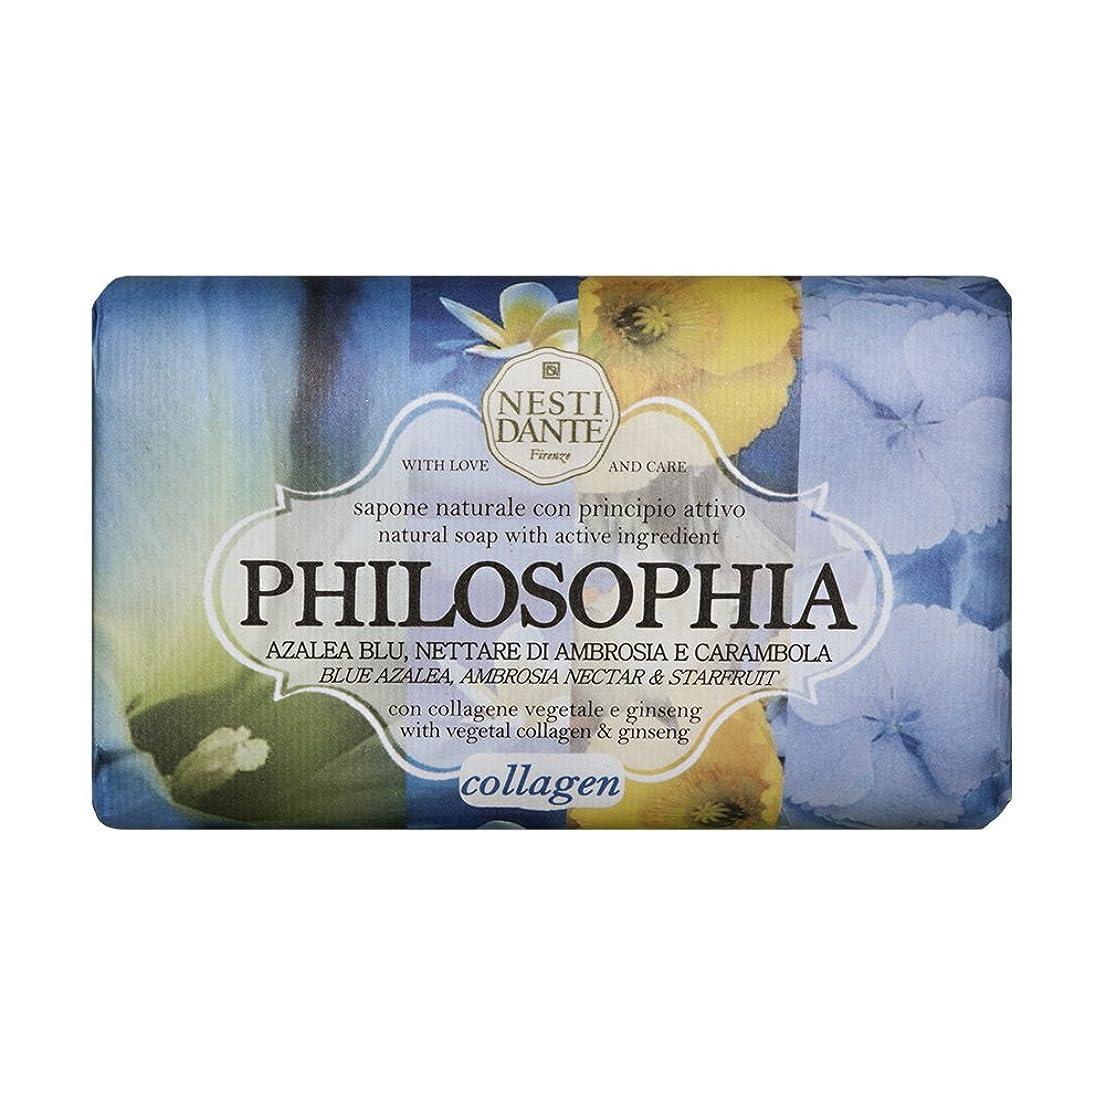 有限エミュレーション美的ネスティダンテ フィロソフィアソープ ブルーアザレア&スターフルーツ(コラーゲン) 250g